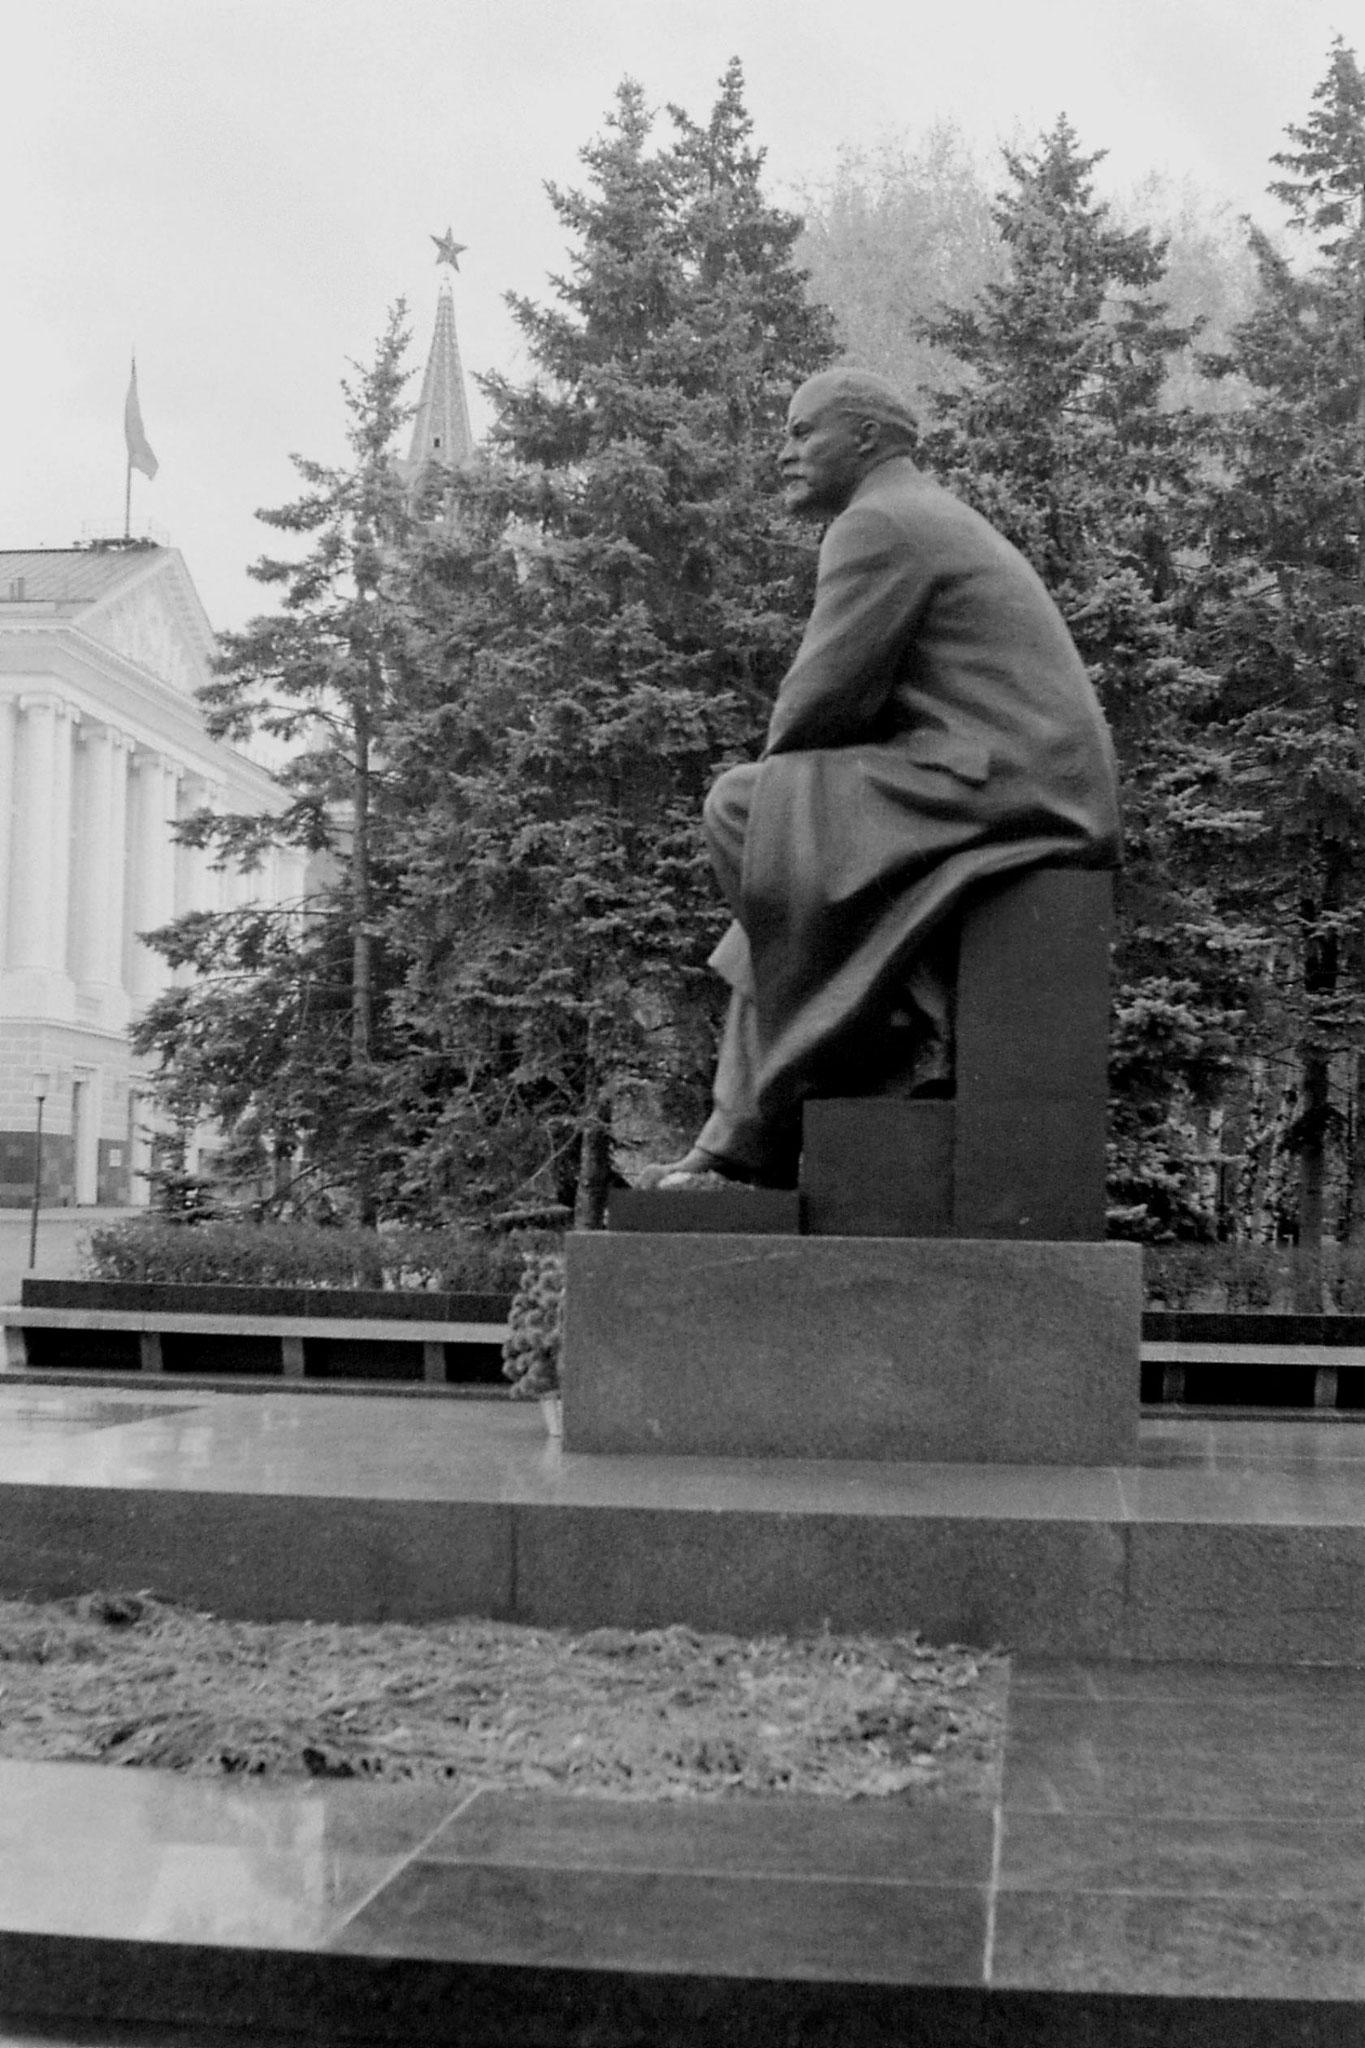 17/10/1988: 35: Lenin statue